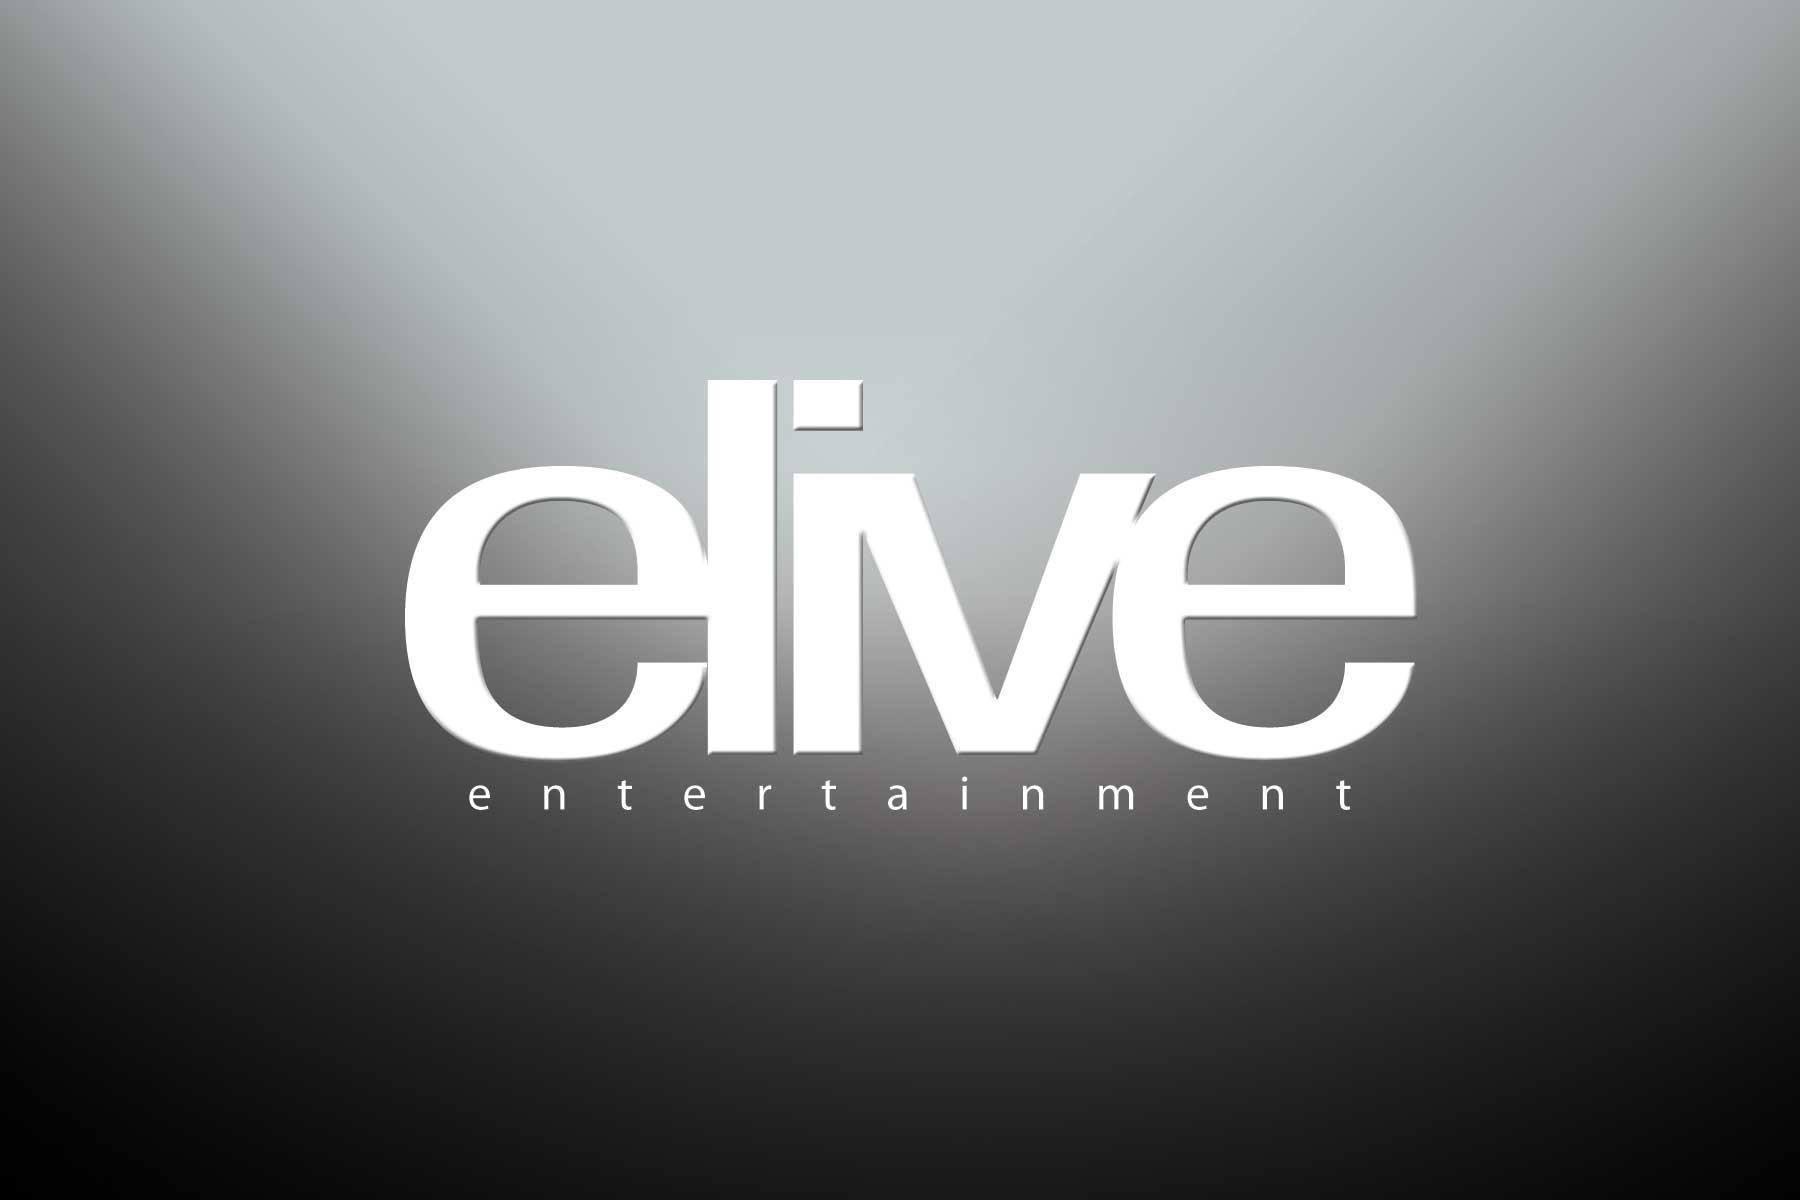 eLive Entertainment